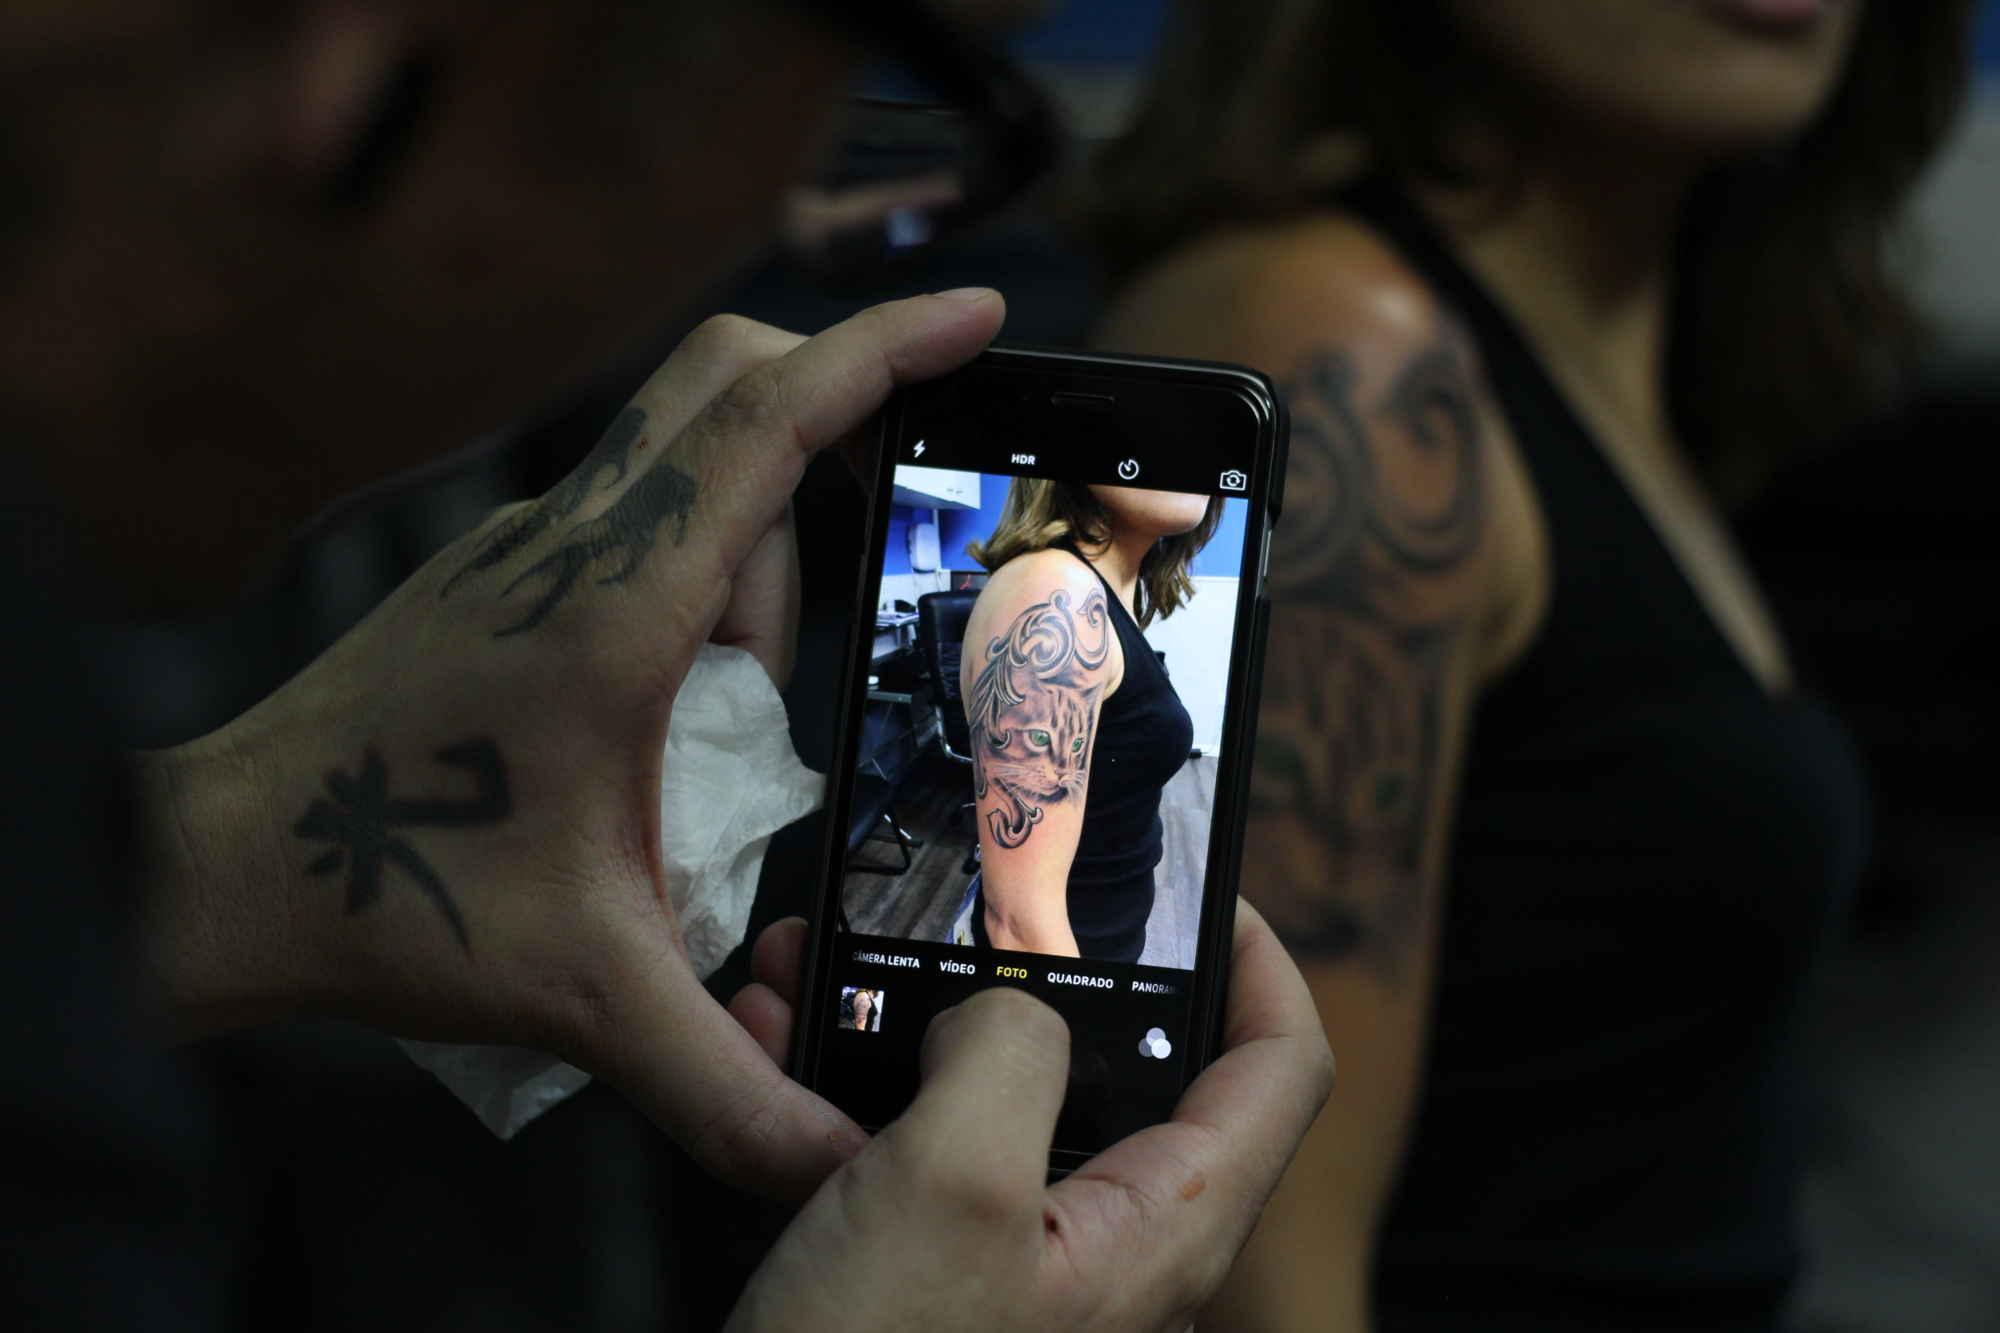 Pesquisa revela comportamento e percepção das pessoas sobre tatuagem